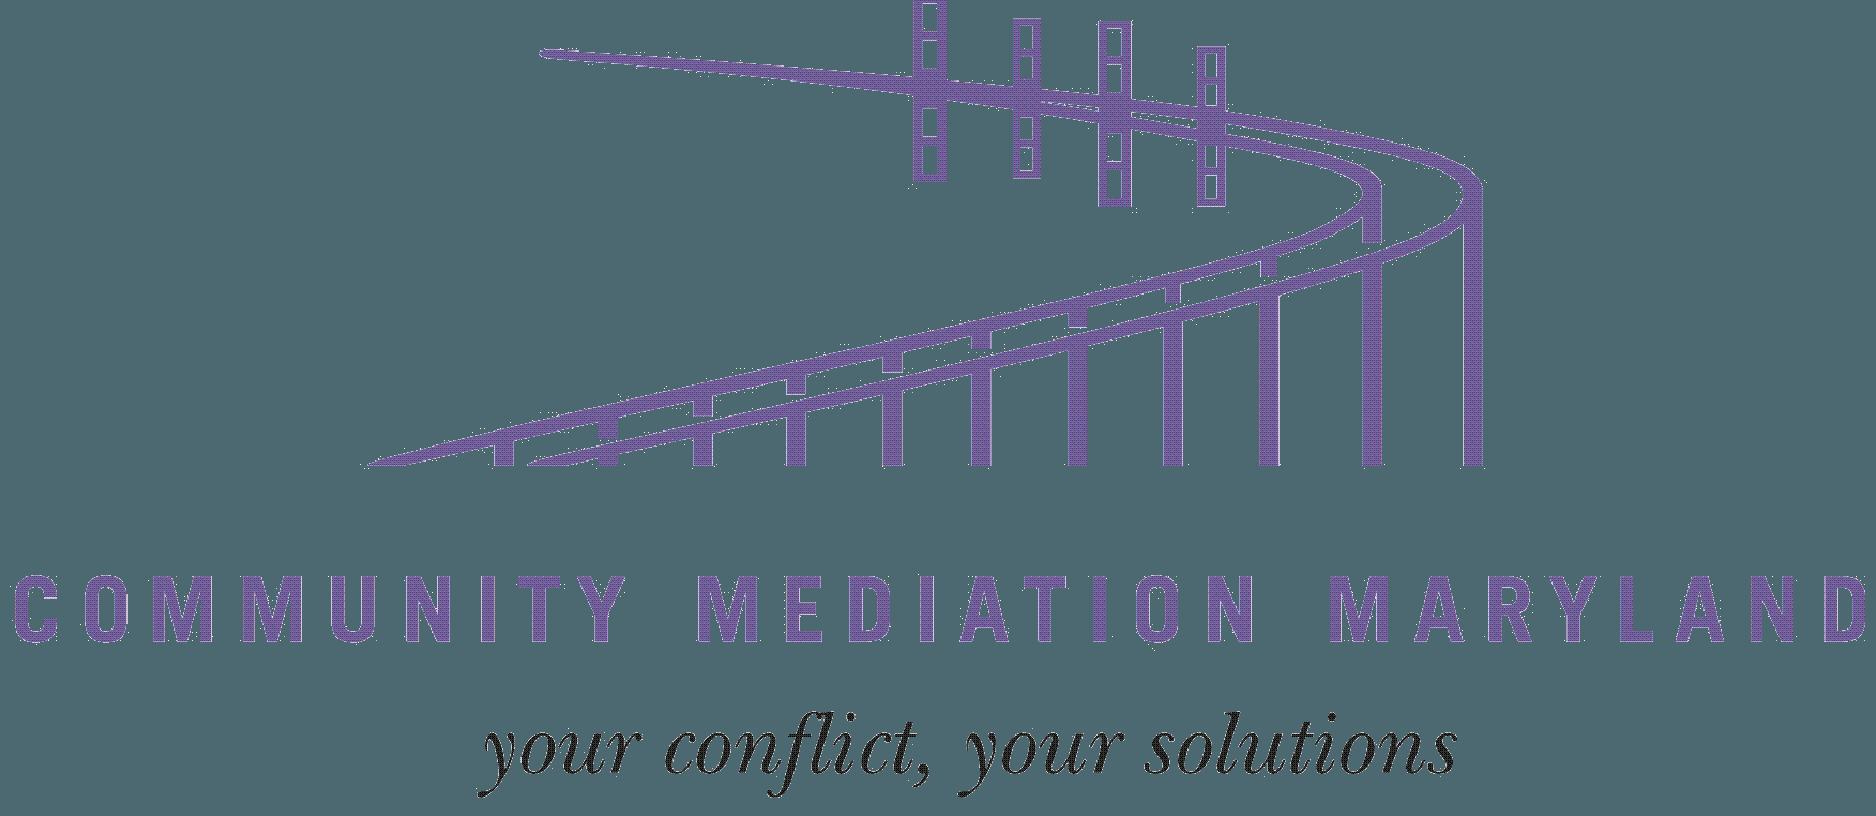 mediation application